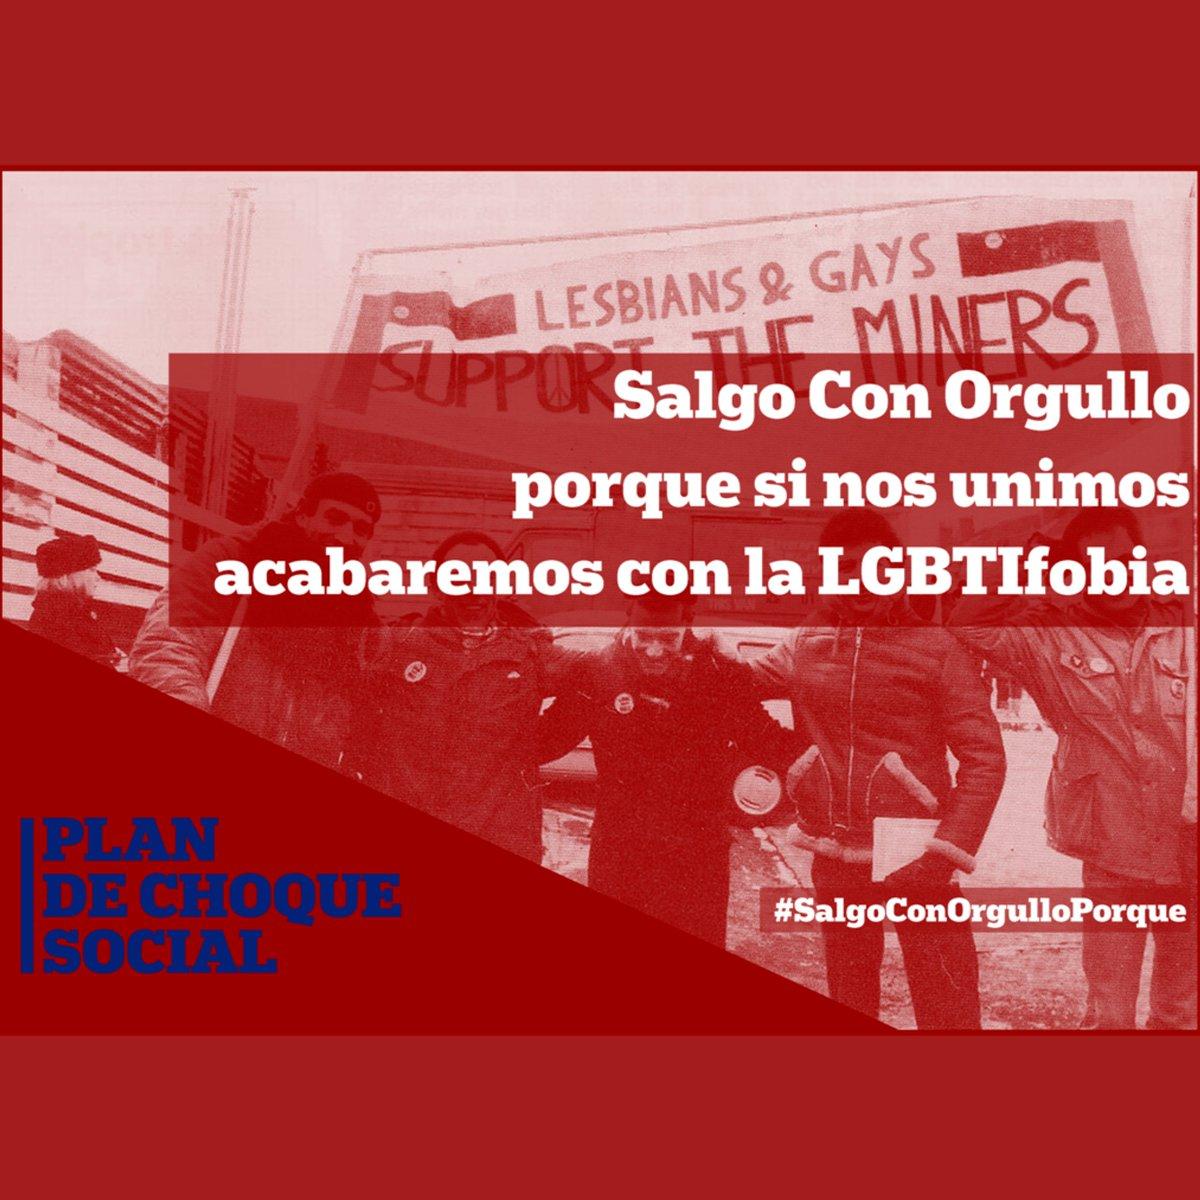 #SalgoConOrgulloPorque si nos unimos acabaremos con la LGTBIFOBIA.🏳️🌈✊  #MedidasDeEmergencia  #CampoDeGibraltar  #PlanDeChoqueSocial https://t.co/QGnAg4oHjC